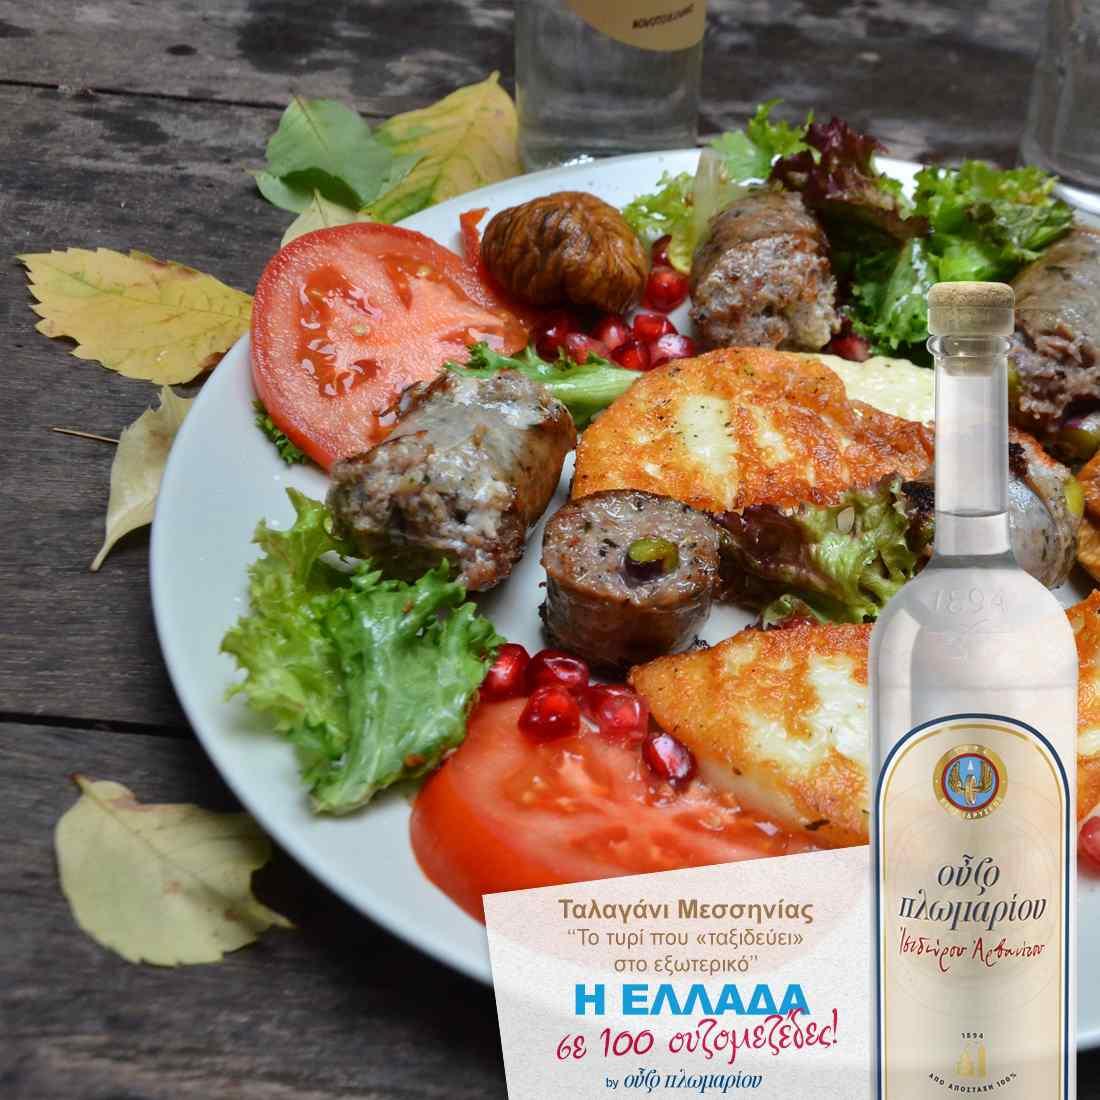 Ταλαγάνι Μεσσηνίας - Ουζομεζέδες - Greek Gastronomy Guide